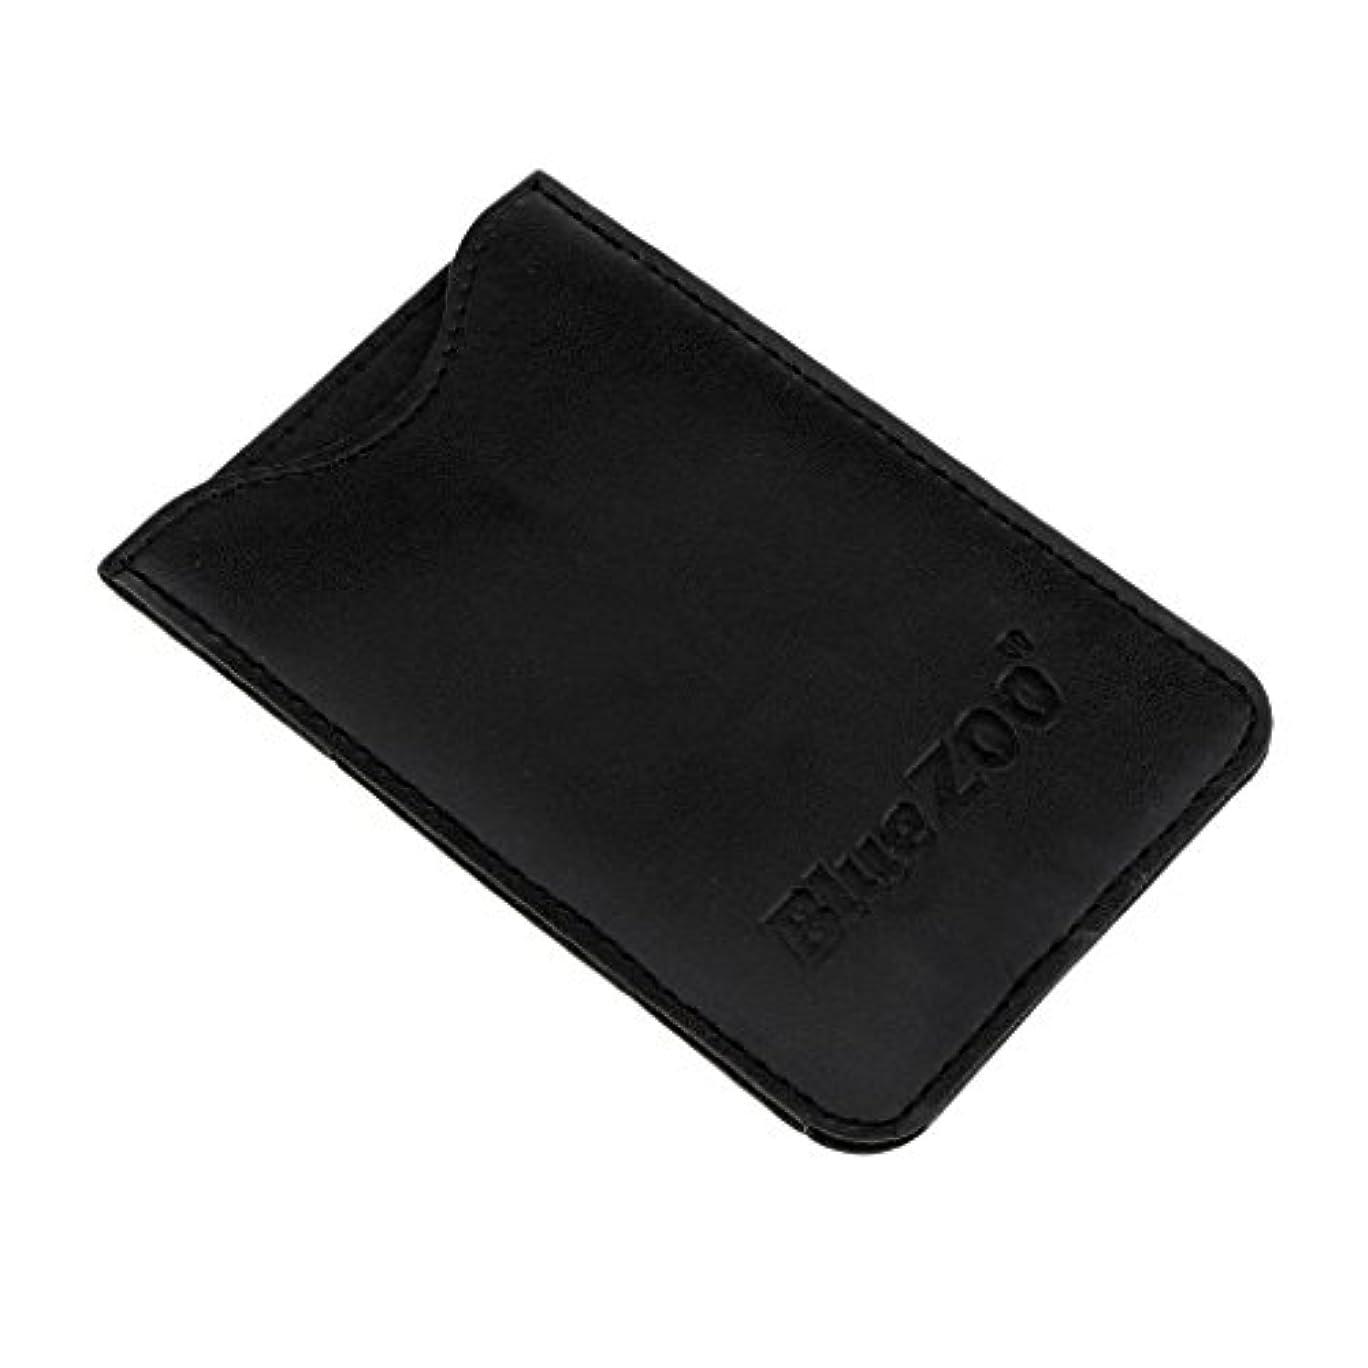 輸送独特のレッスンPerfk PUレザー バッグ 収納ケース 保護カバー 櫛/名刺/IDカード/銀行カード 収納パック 便利 全2色  - ブラック